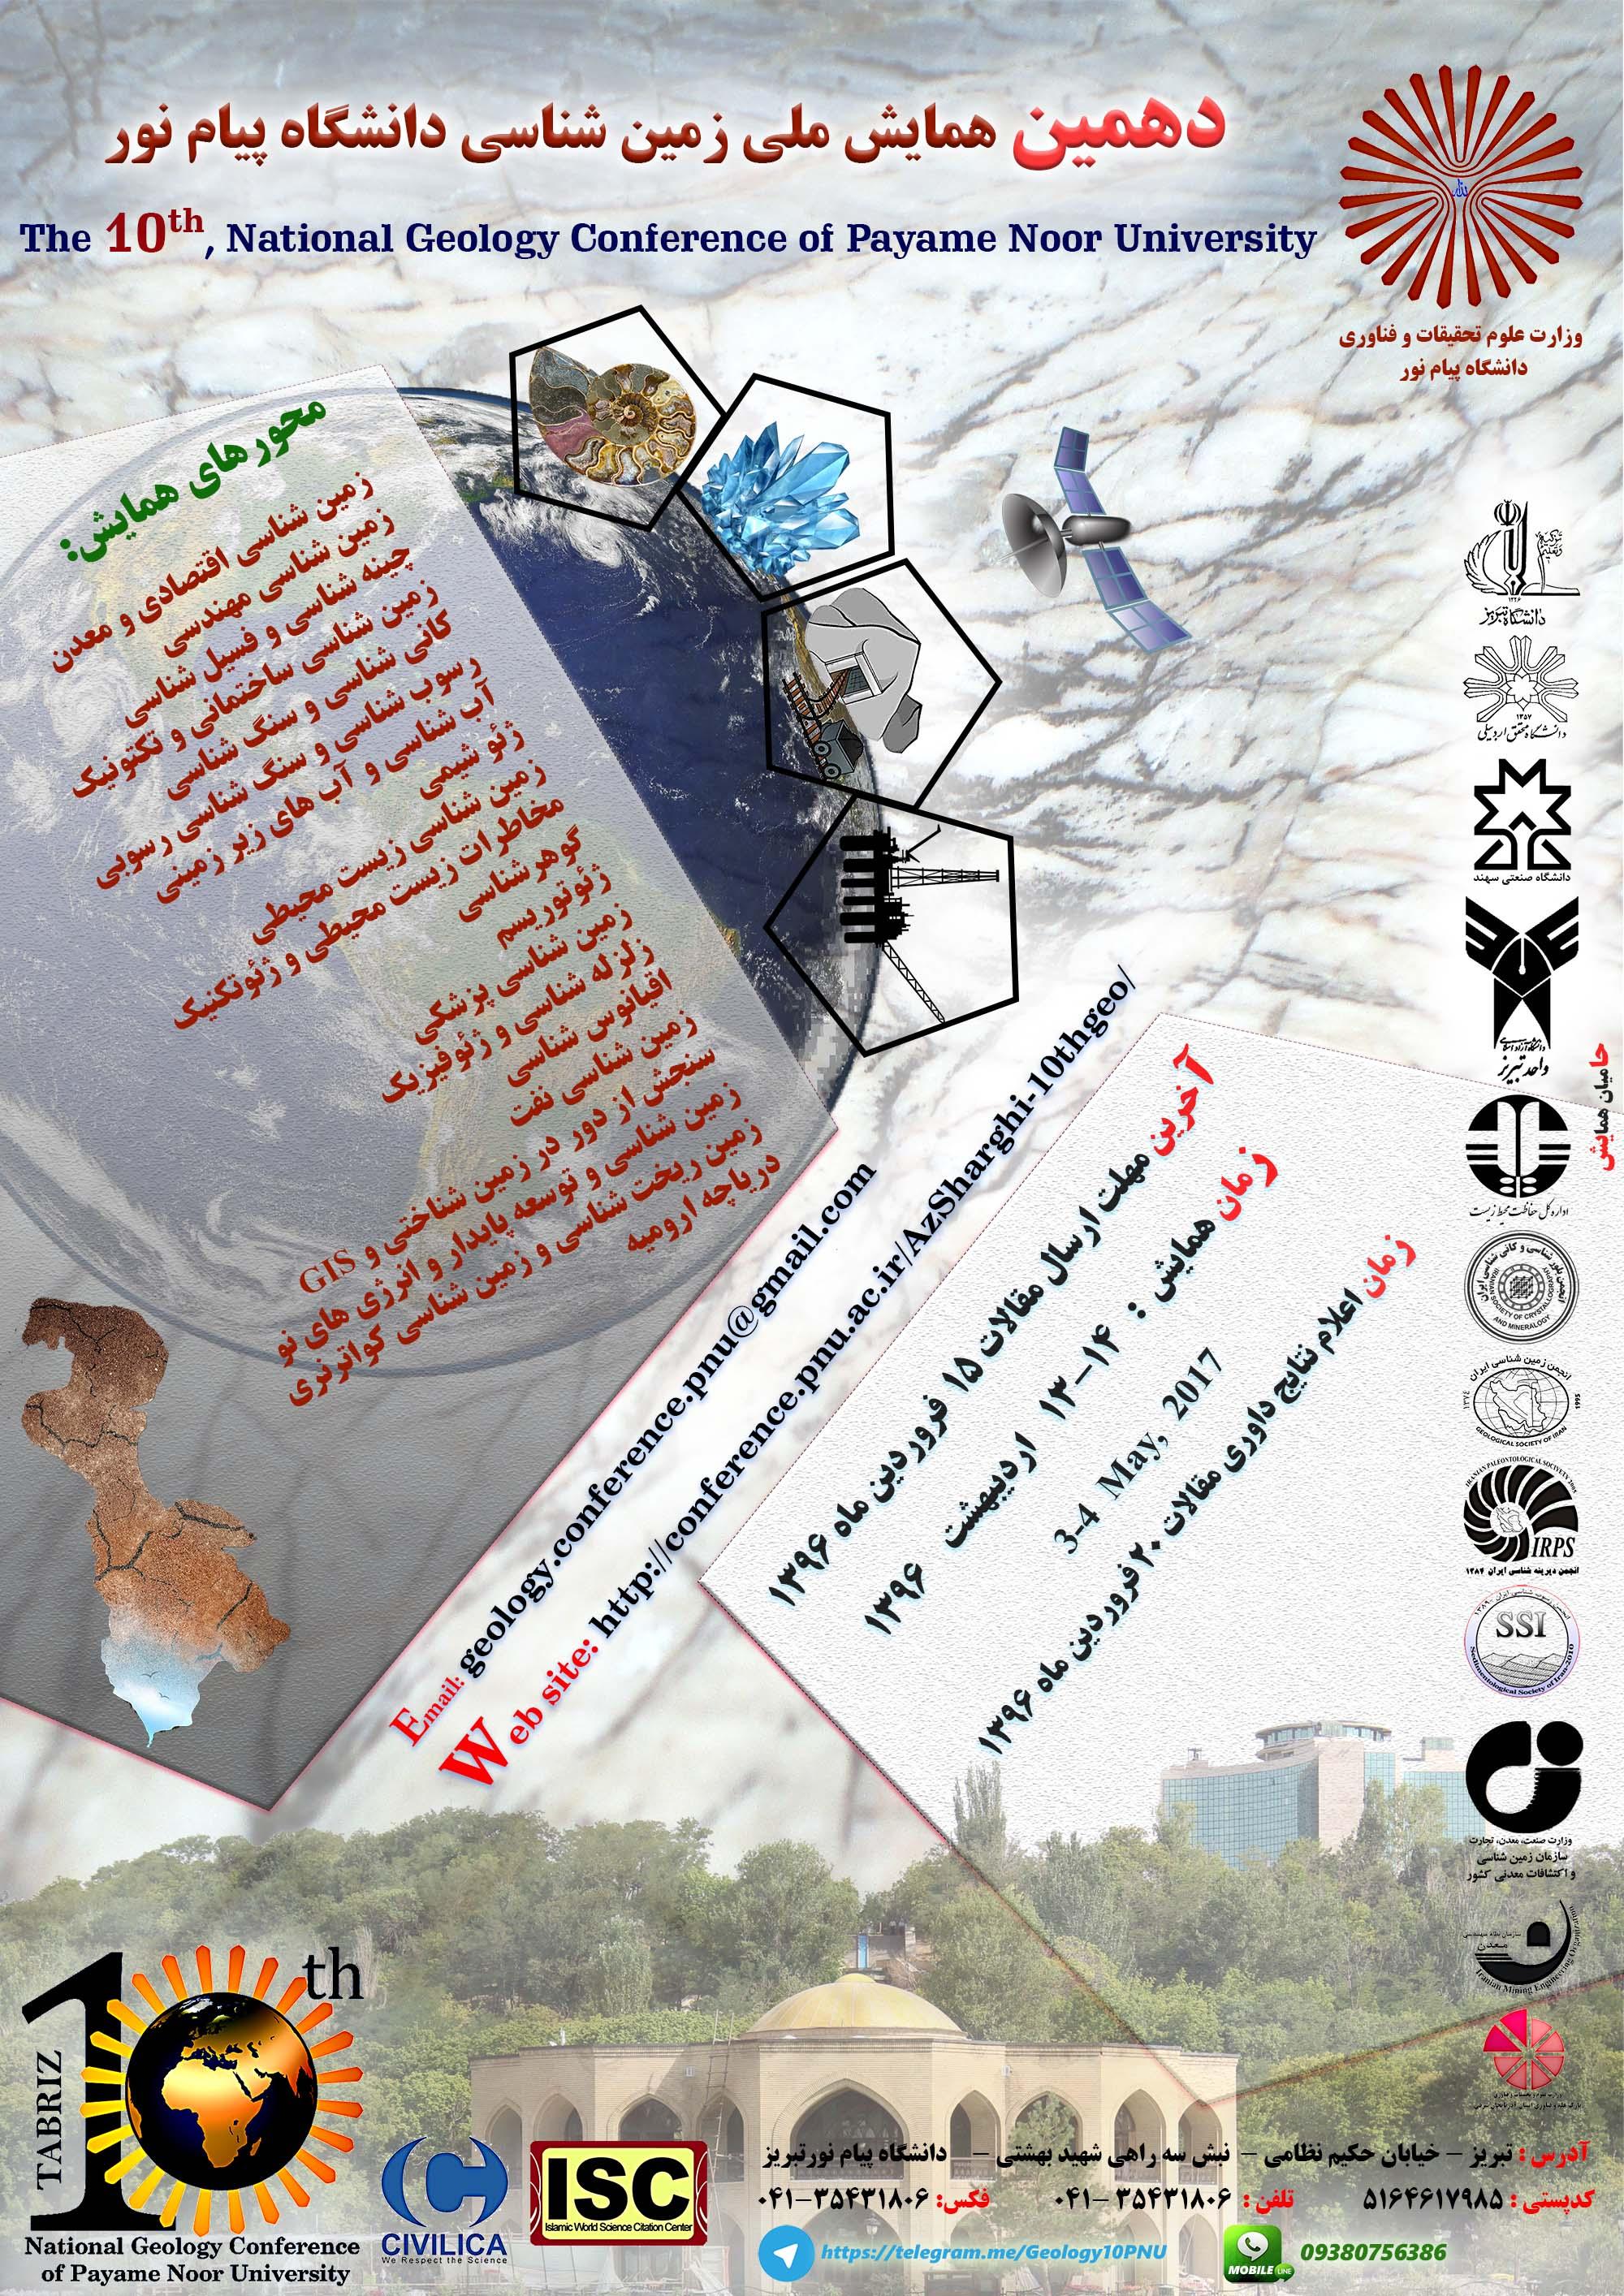 دهمین همایش ملی زمین شناسی دانشگاه پیام نور